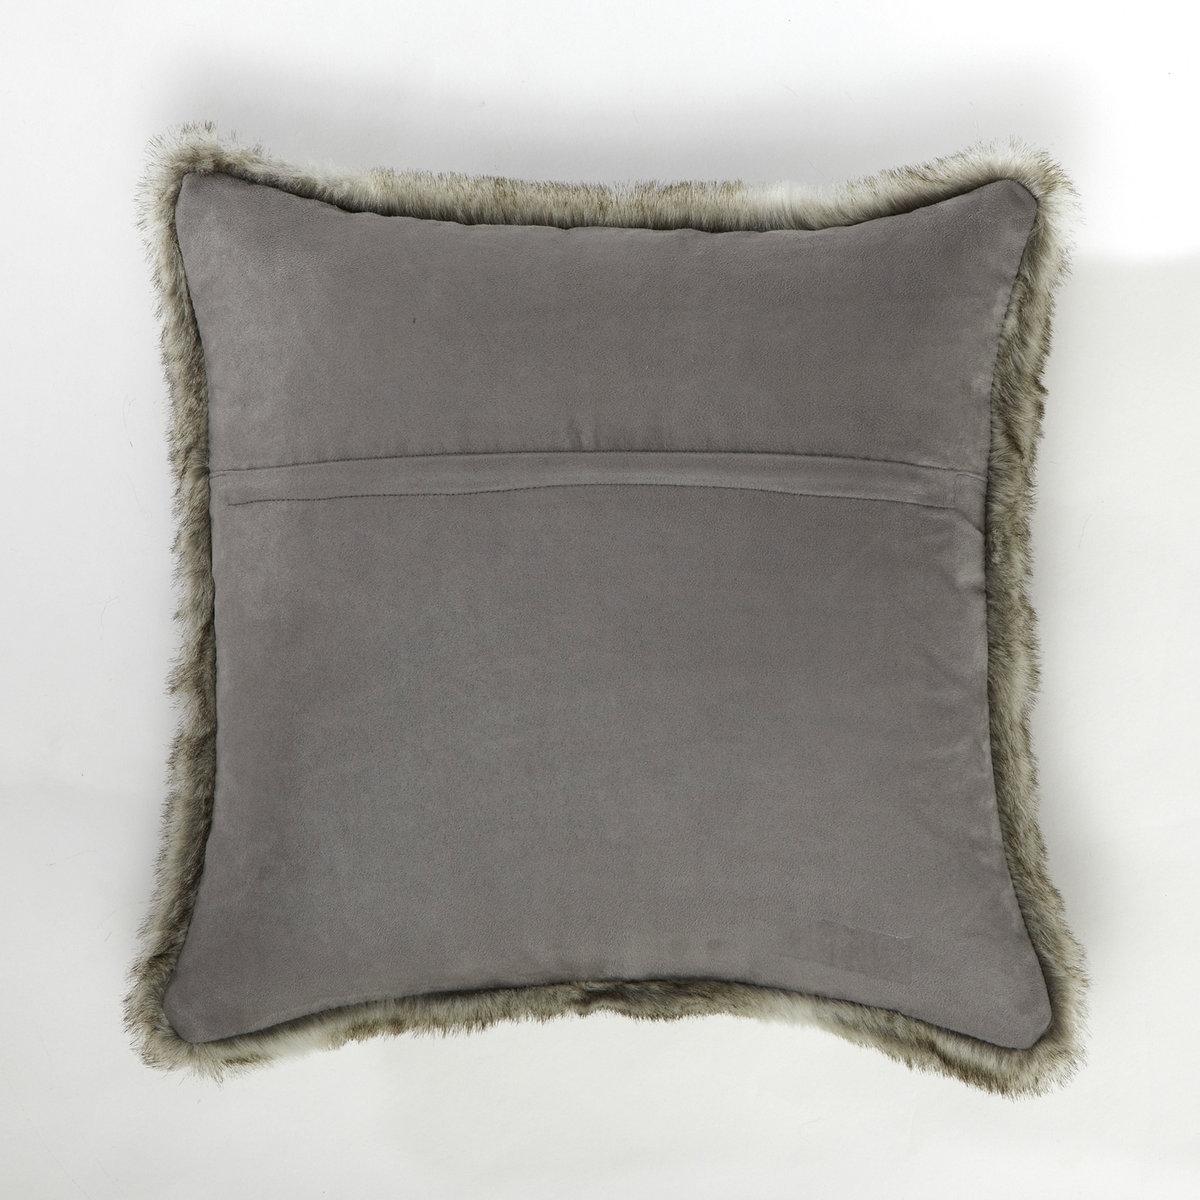 Чехол для подушкиОдна сторона из искусственного меха, 80% акрила, 20% полиэстера. Другая сторона из искусственной замши, 100% полиэстера. Стирка при 40°. Застежка на молнию. 40 х 40 см.<br><br>Цвет: темно-серый